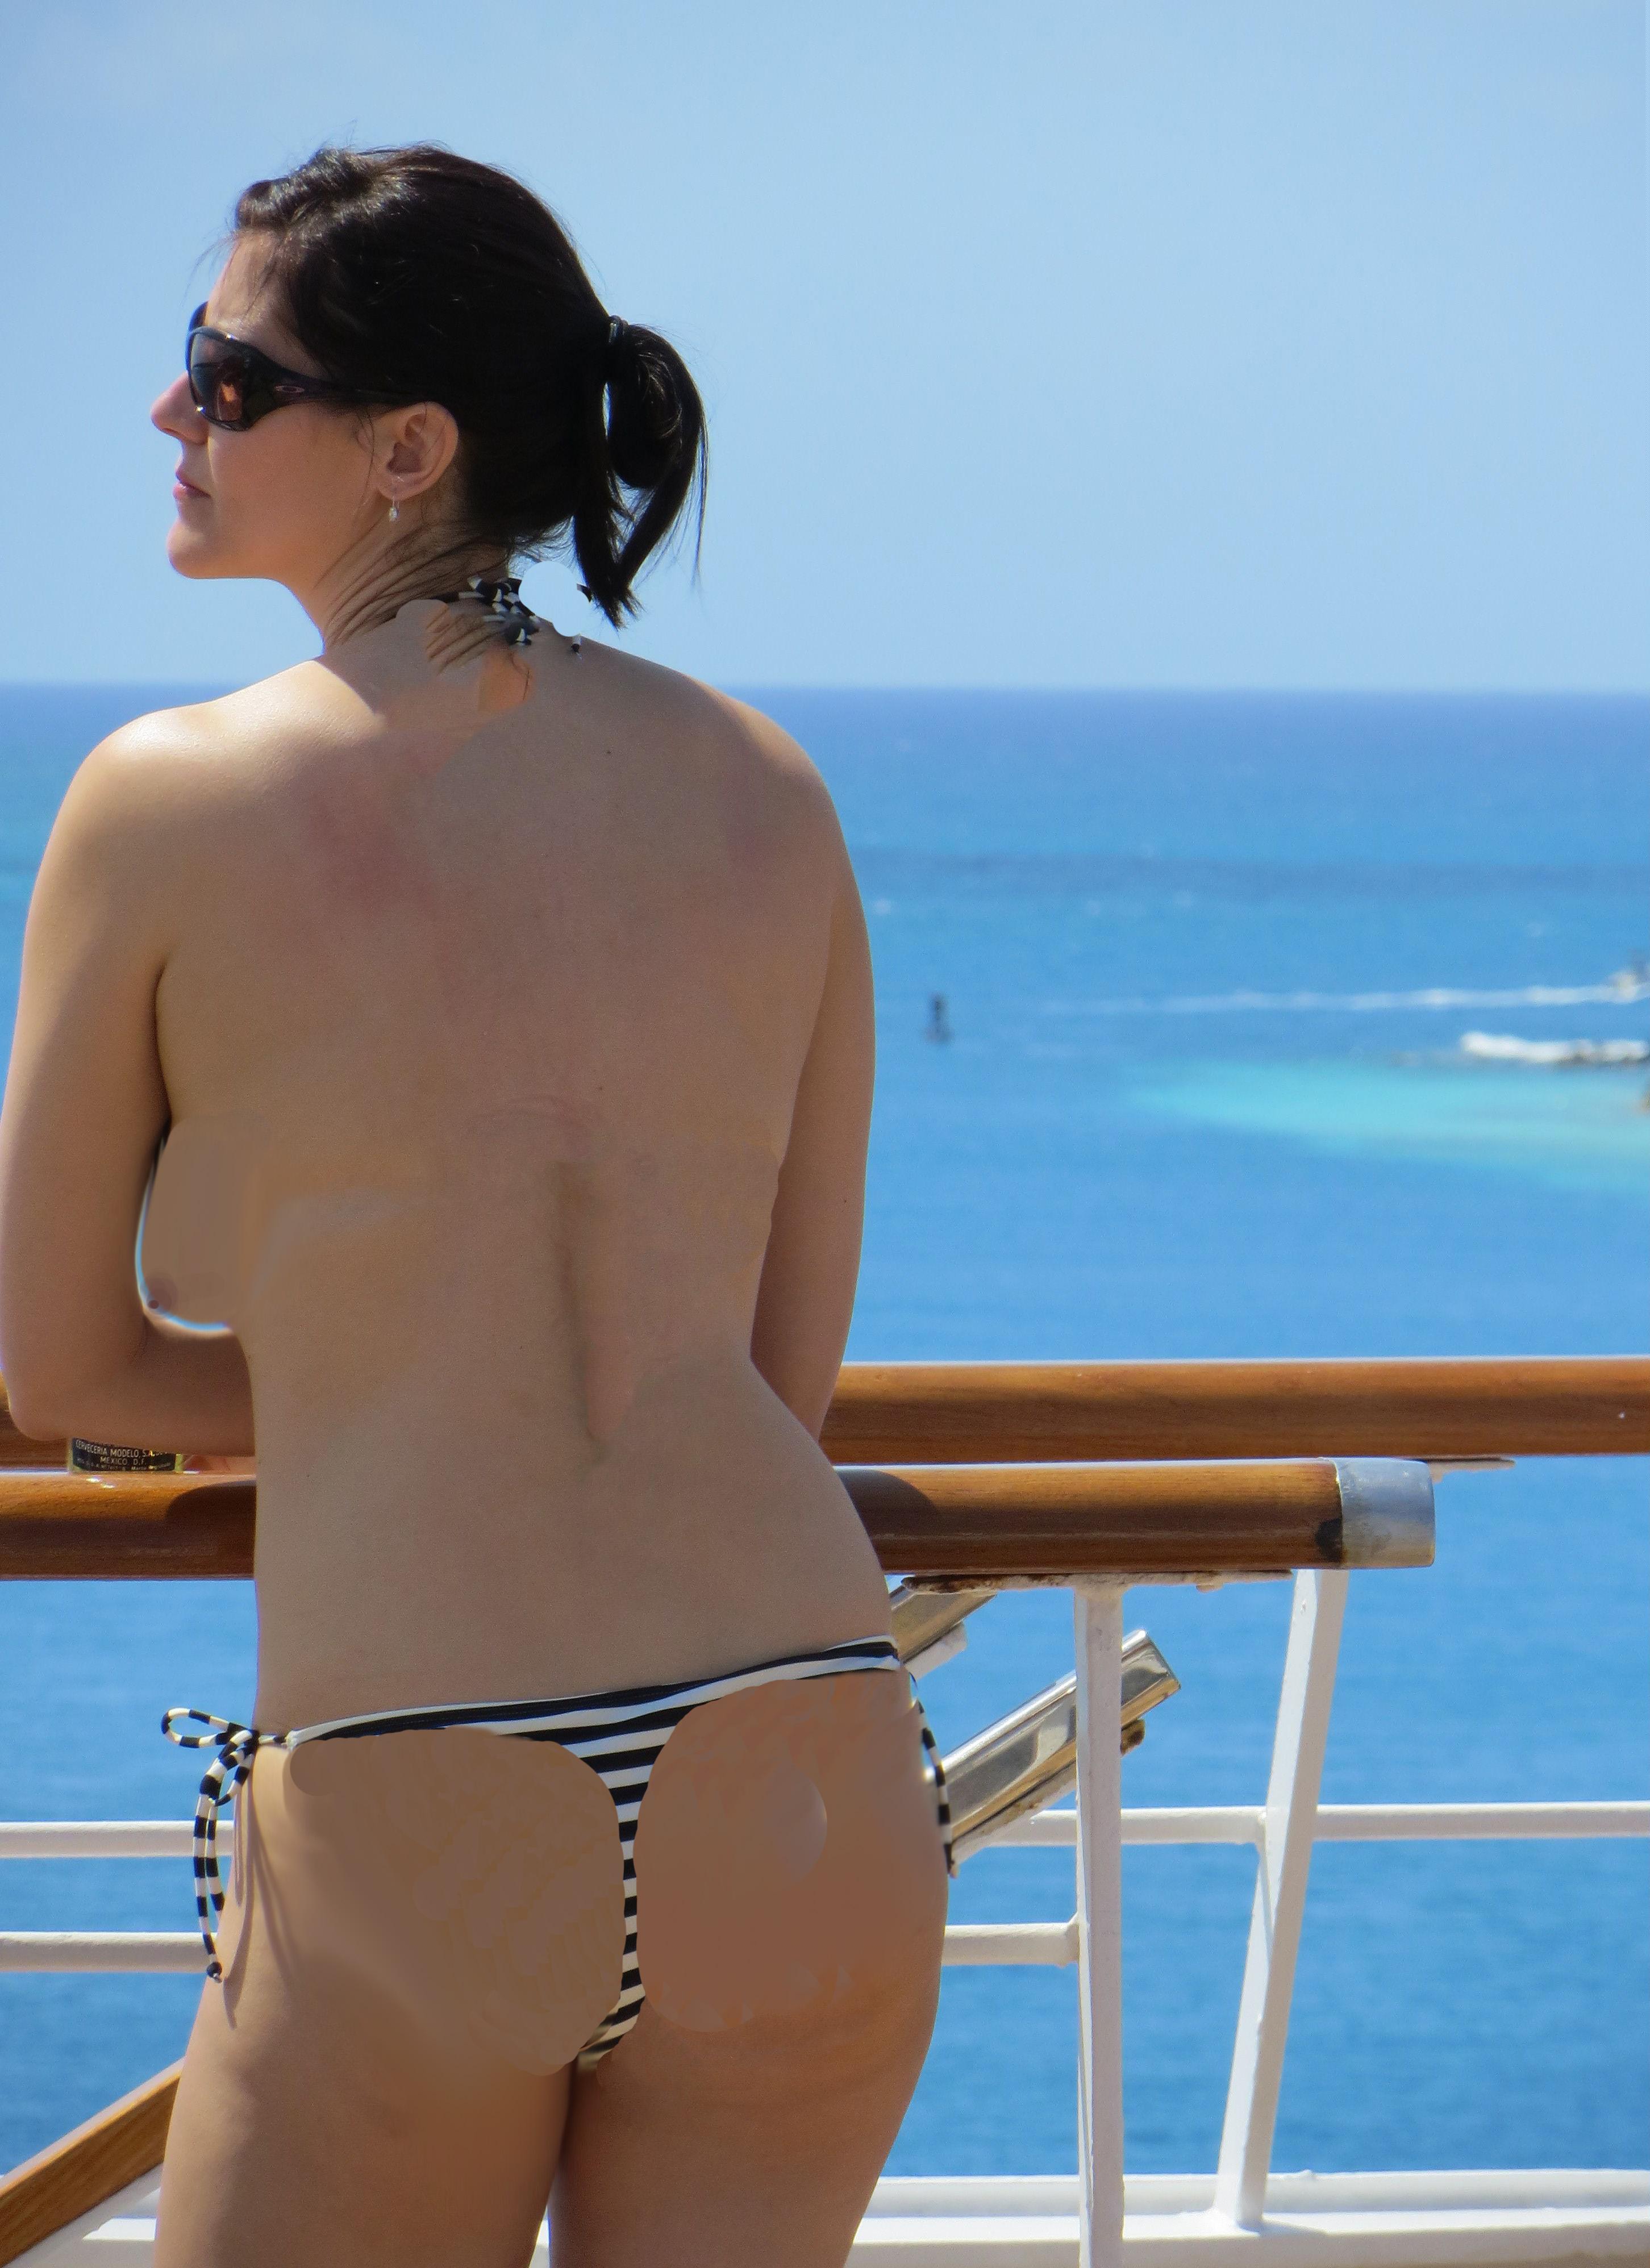 bikini cruise topless 10 12 13b nudist swinger swingers